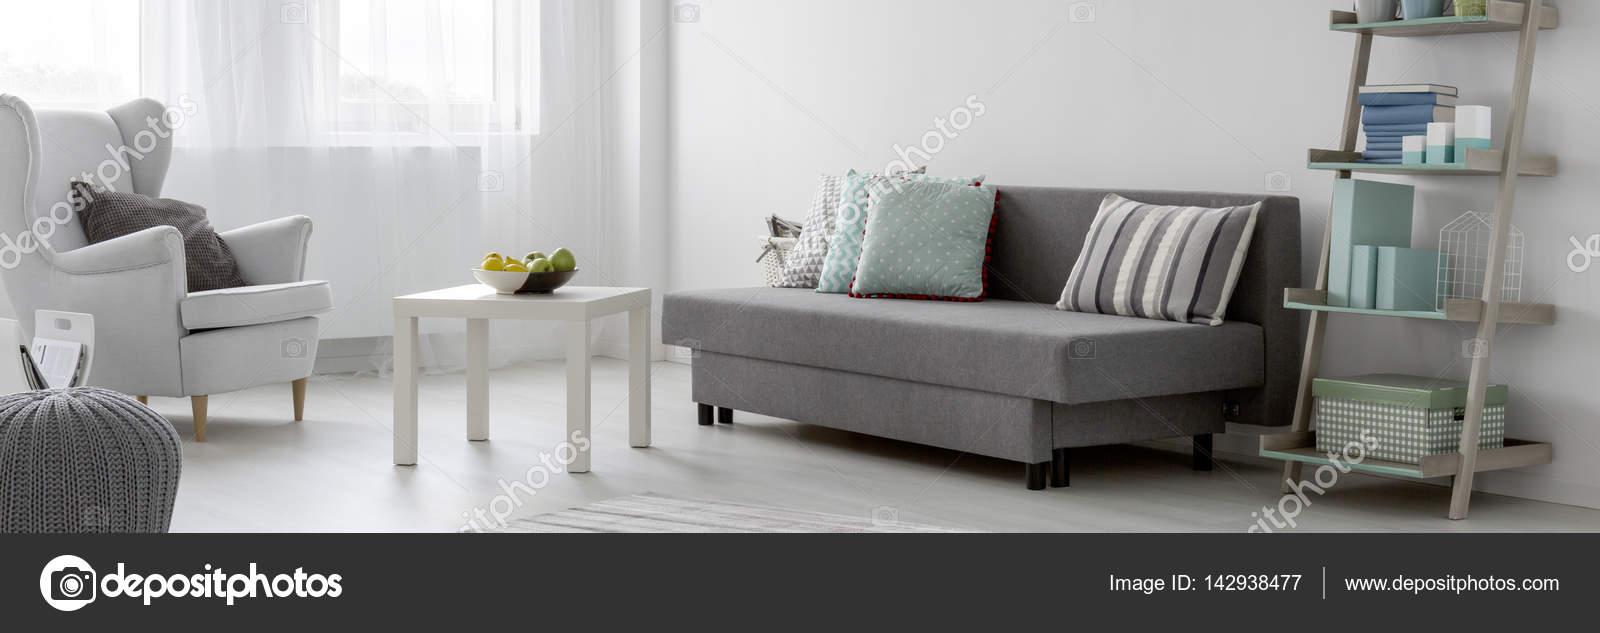 Soggiorno con mobili bianchi e grigi — Foto Stock © photographee.eu ...